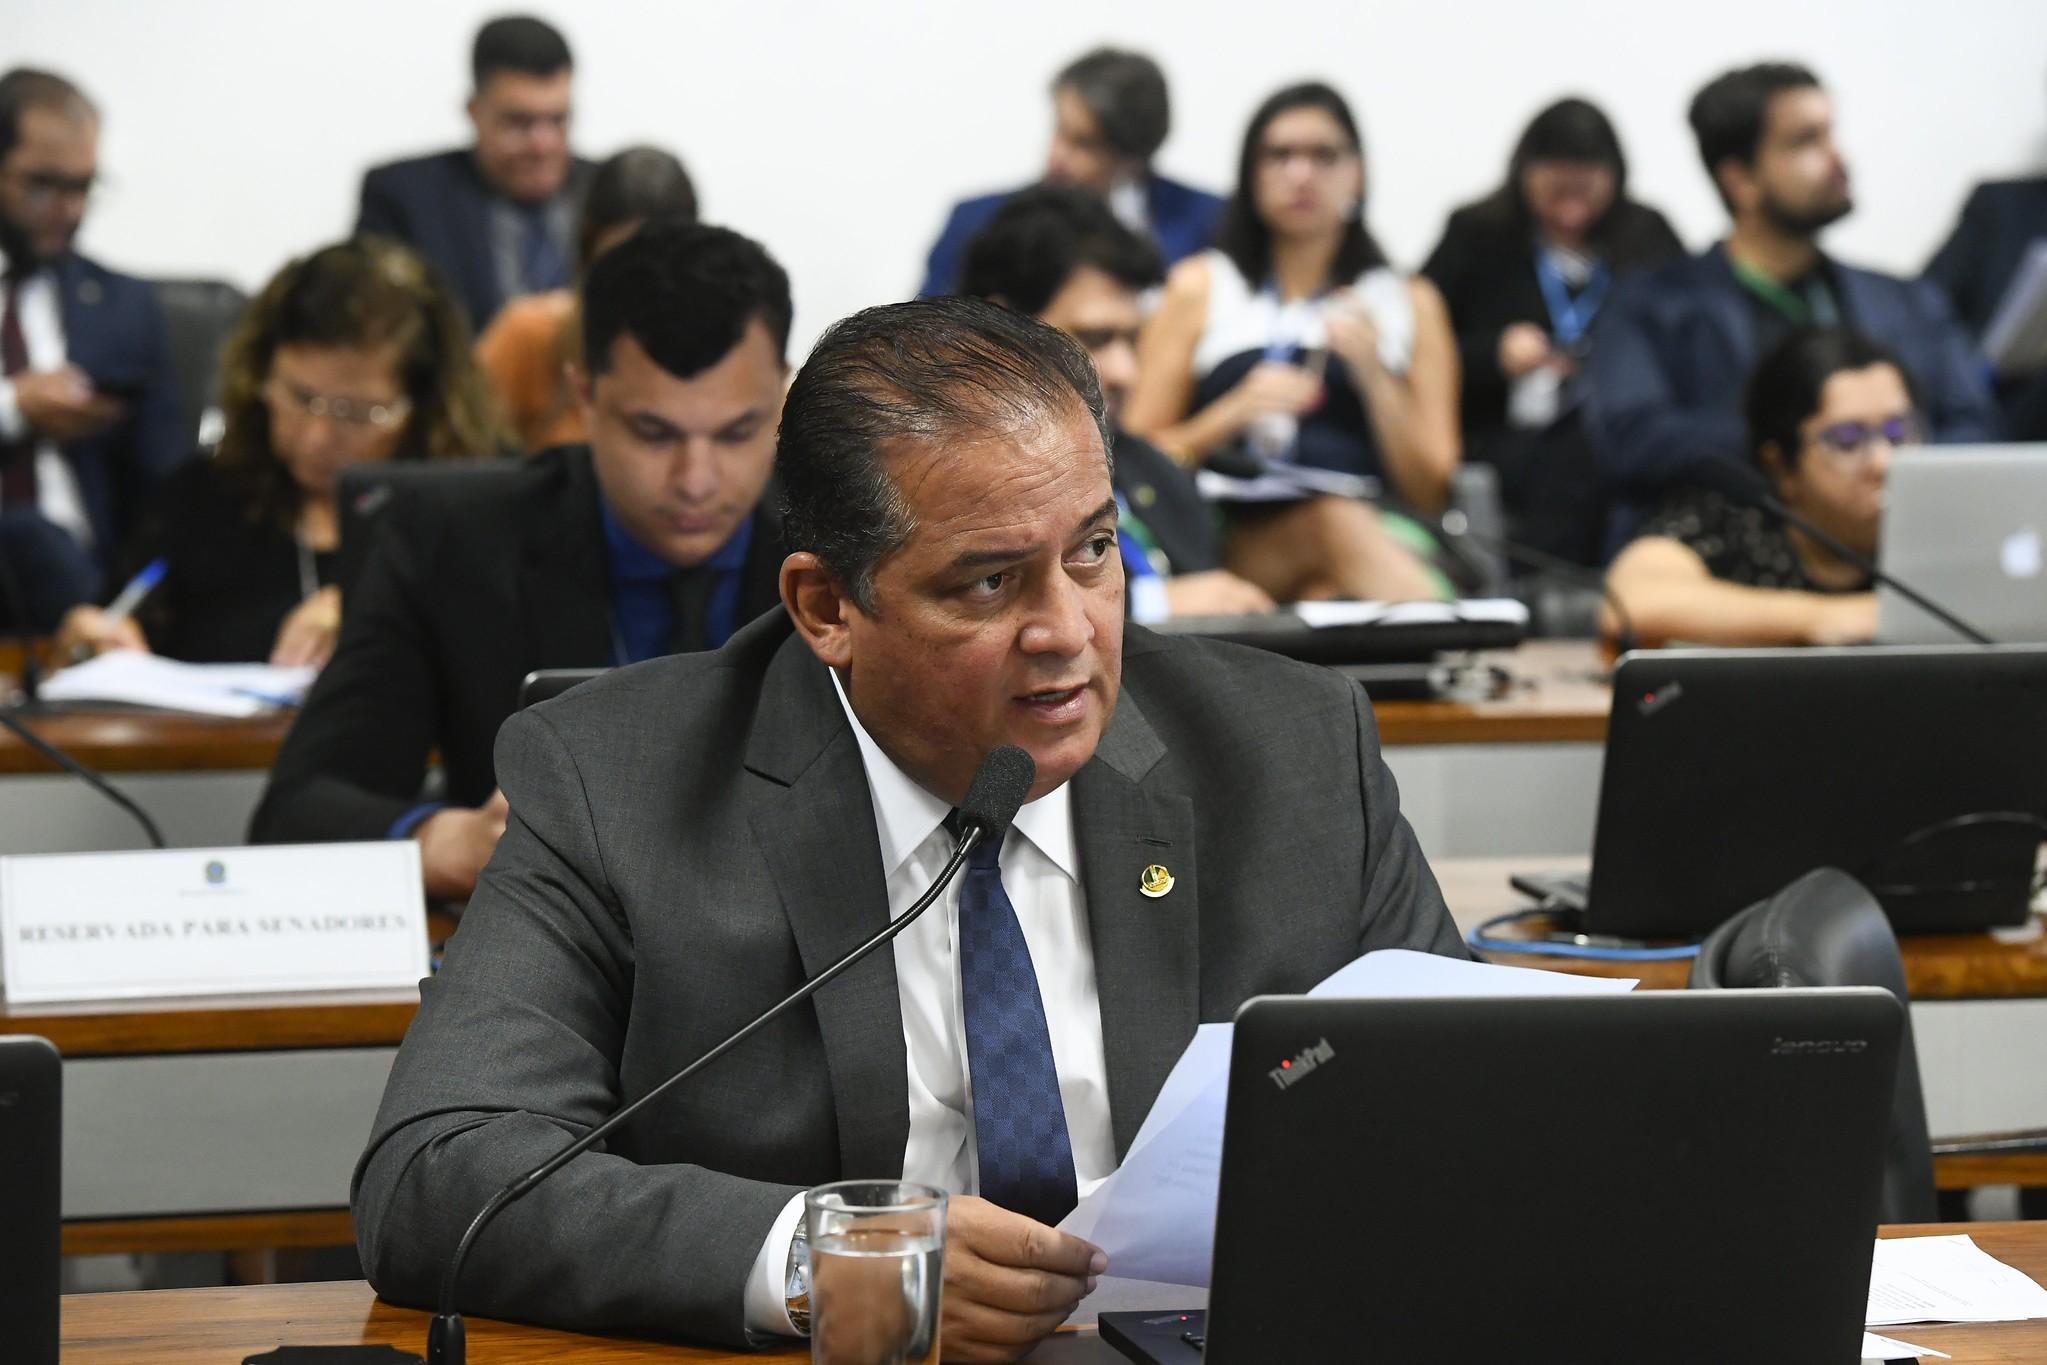 Líder diz que base de Bolsonaro no Congresso vai construir alternativa para o Renda Brasil